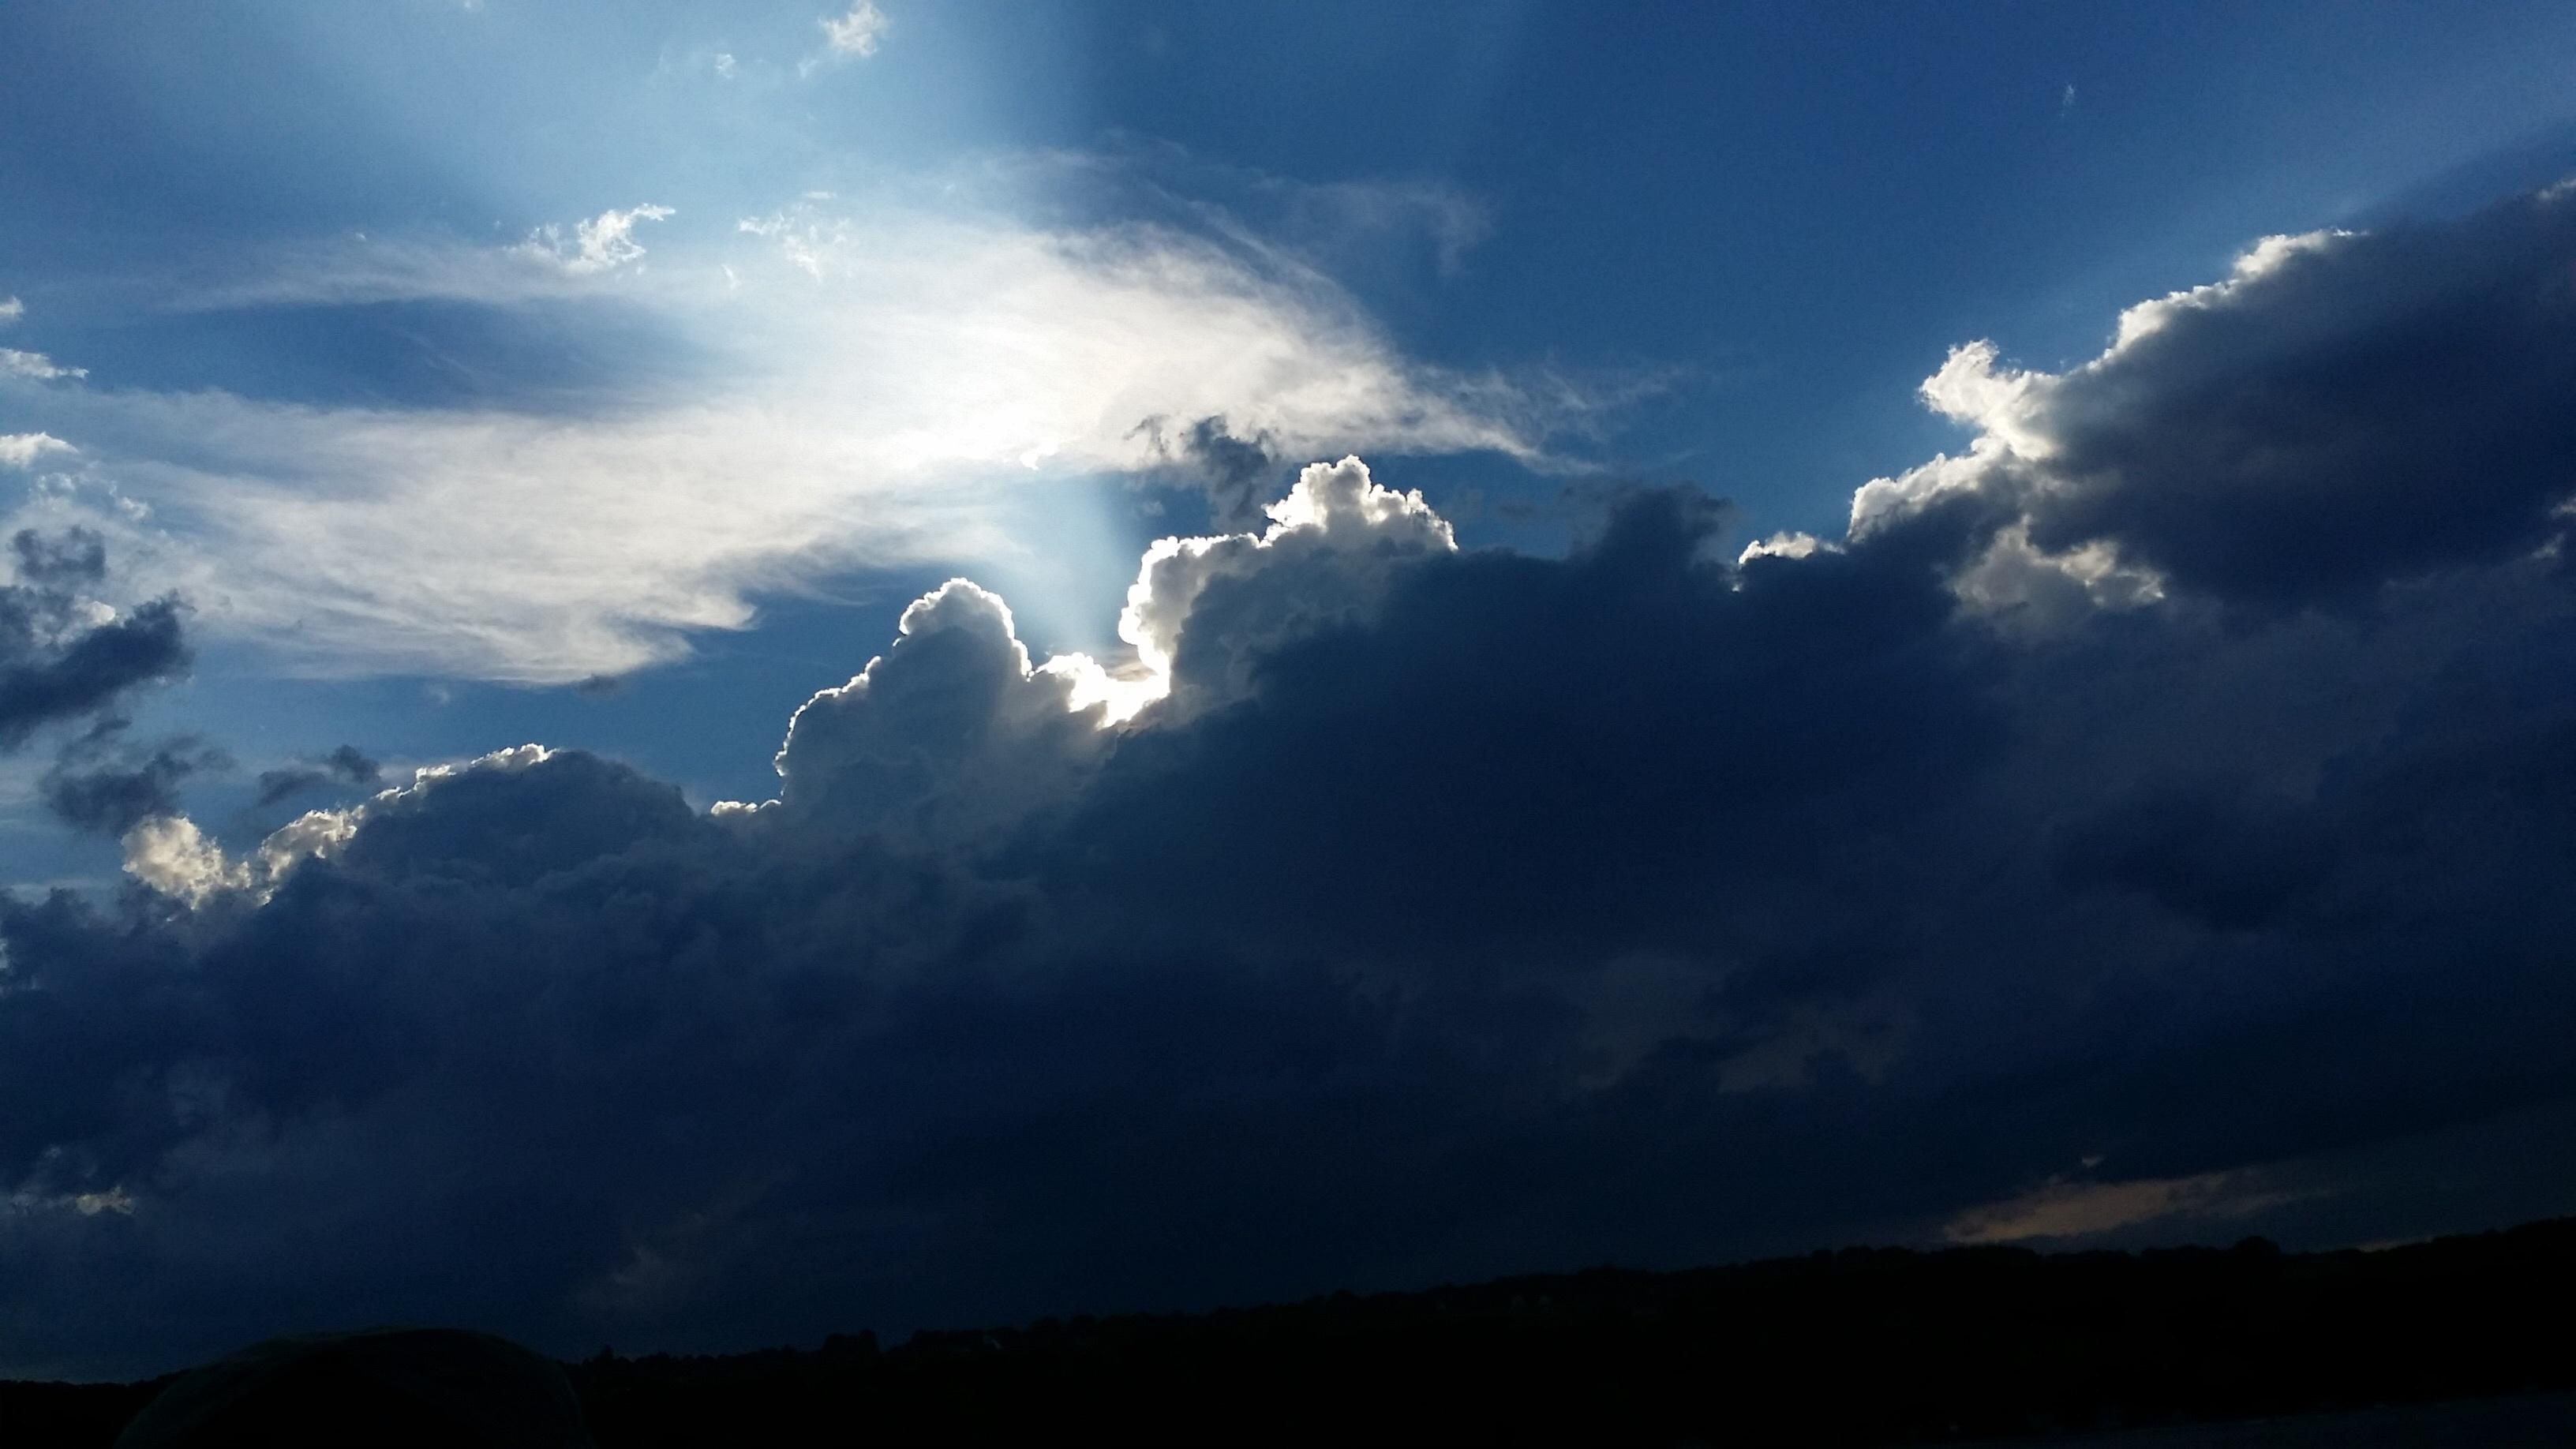 небо мутное картинки избежать